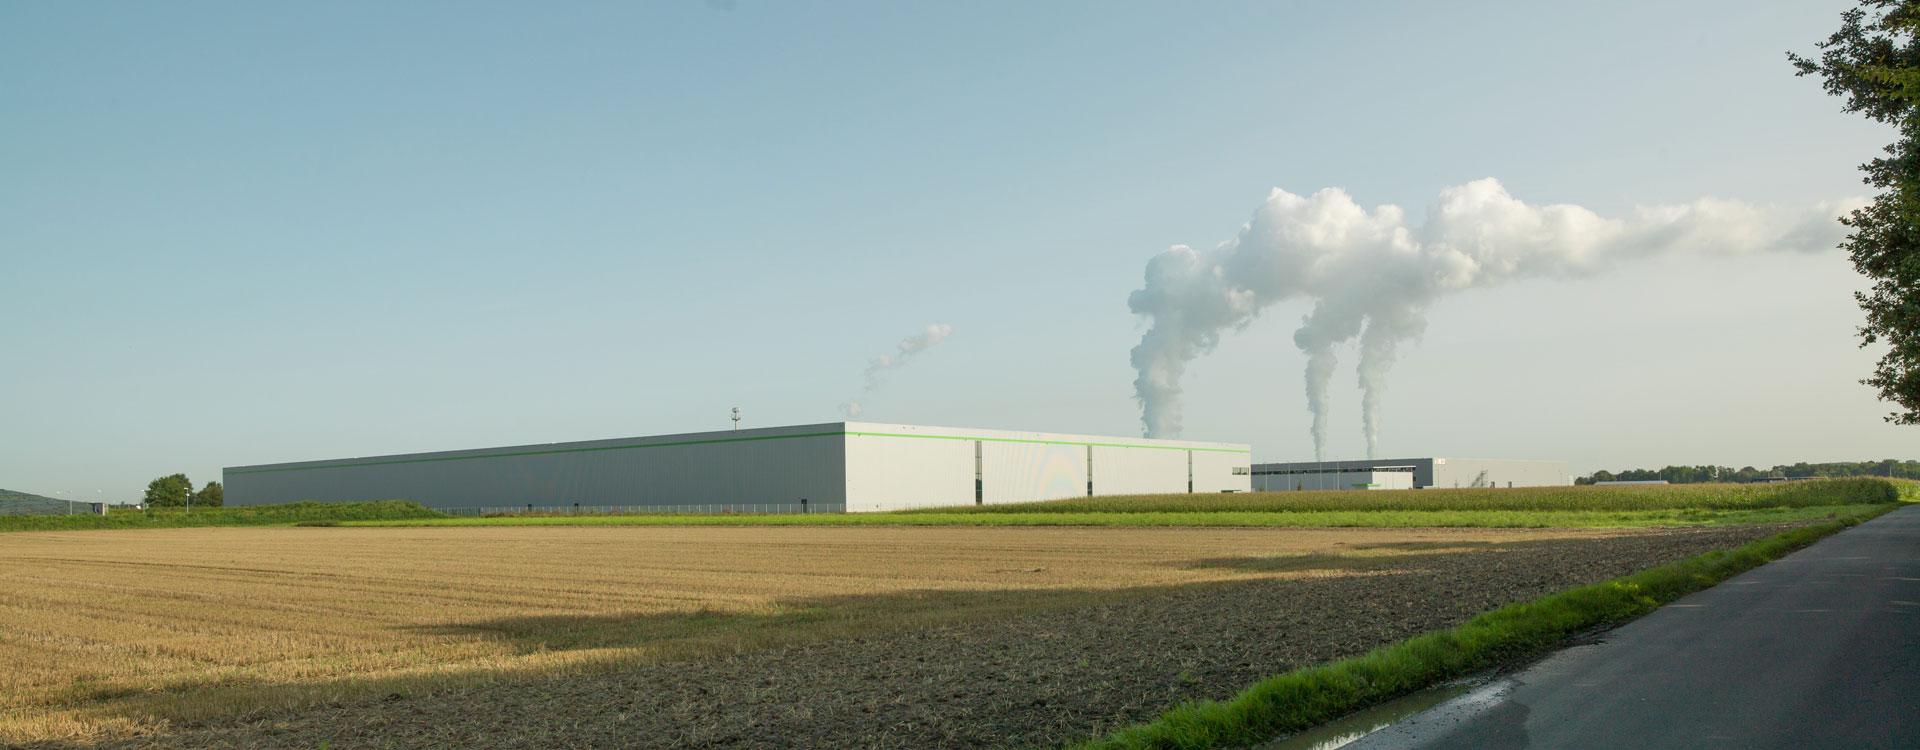 Gewerbeflächenberatung - Wirtschaftsförderung Rhein Erft